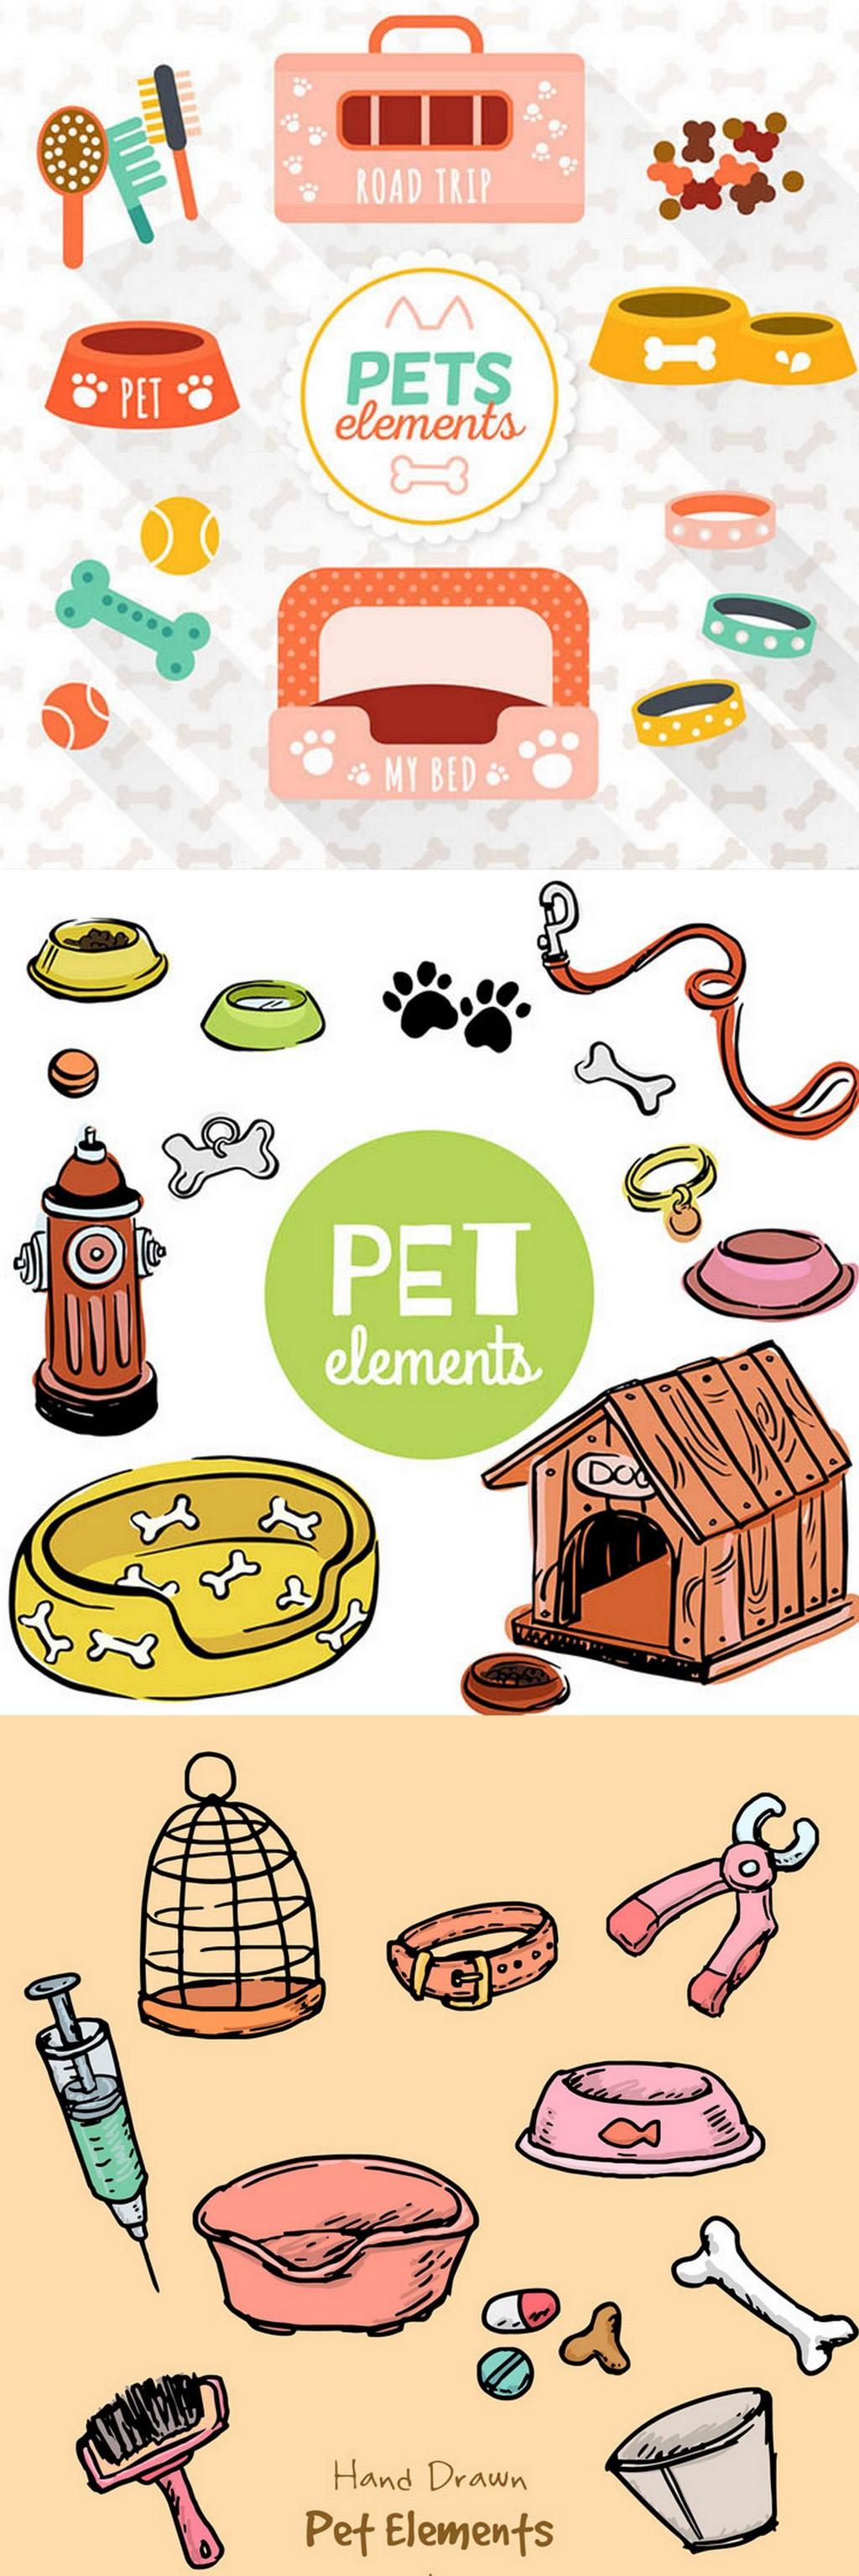 设计元素 自然素材 动物 > 卡通狗彩色宠物用品彩绘宠物用品素材